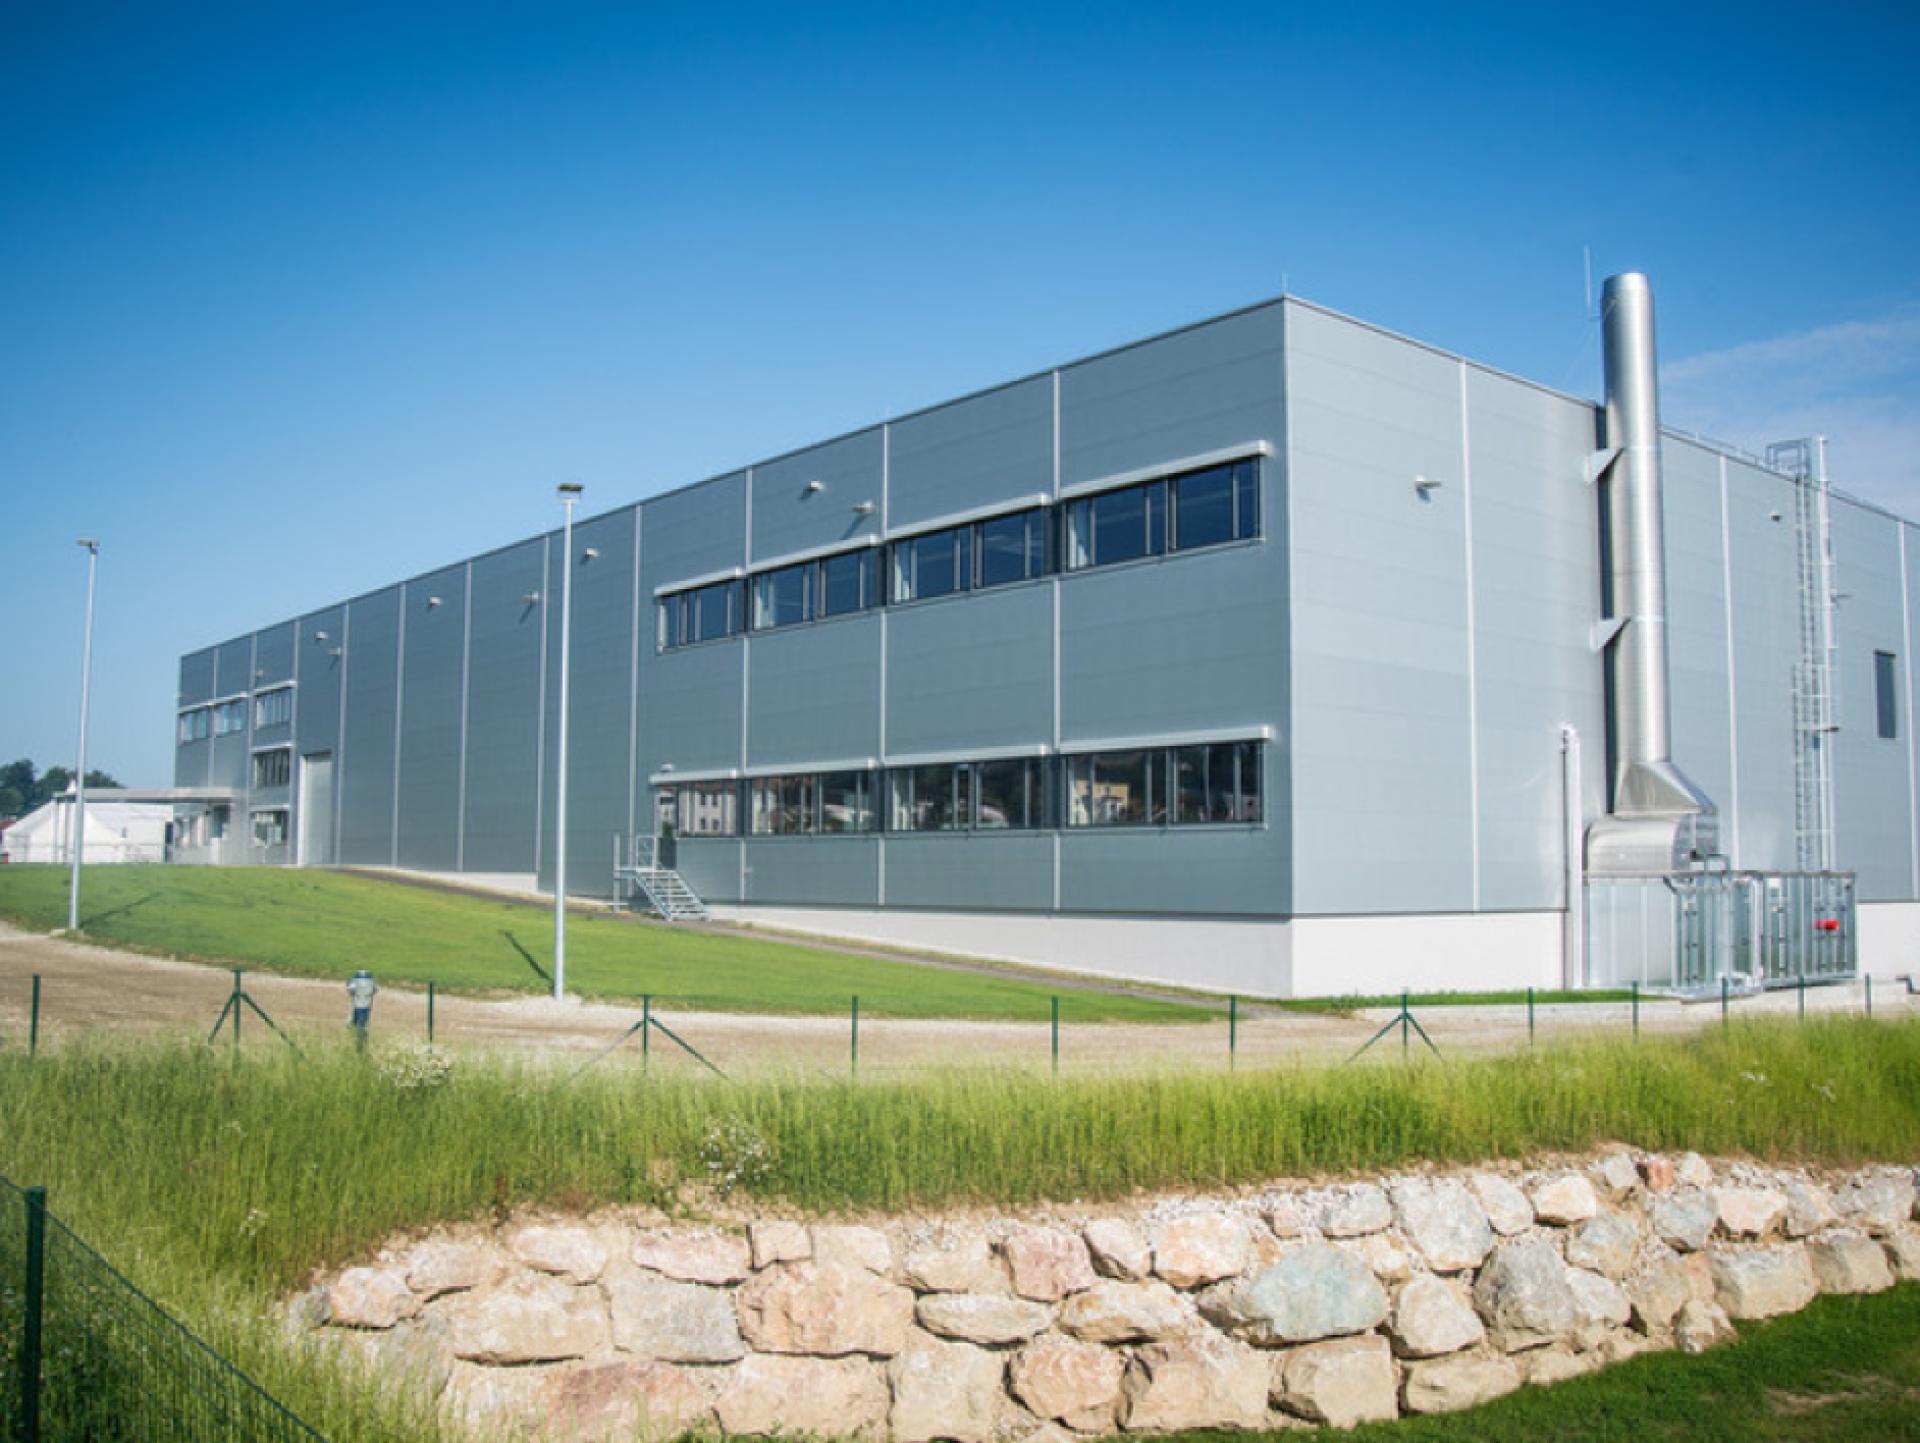 Mood-Image EBG Referenz: Mediscan Rohr - Neubau Sterilisationsanlage samt Bürogeschoß und Außenanlage